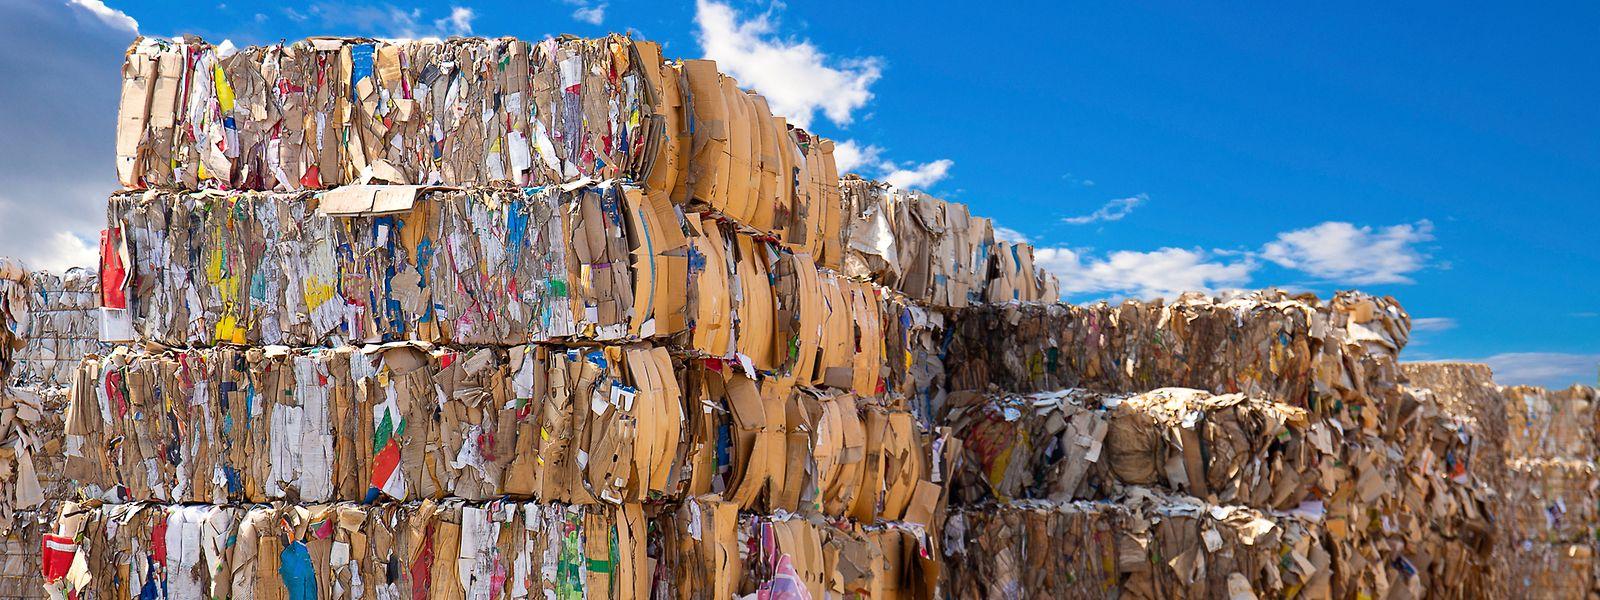 Papierabfälle in einer Recyclinganlage. Mit der Strategie zur Kreislaufwirtschaft soll die luxemburgische Wirtschaft nachhaltiger und klimaneutral umgebaut werden.